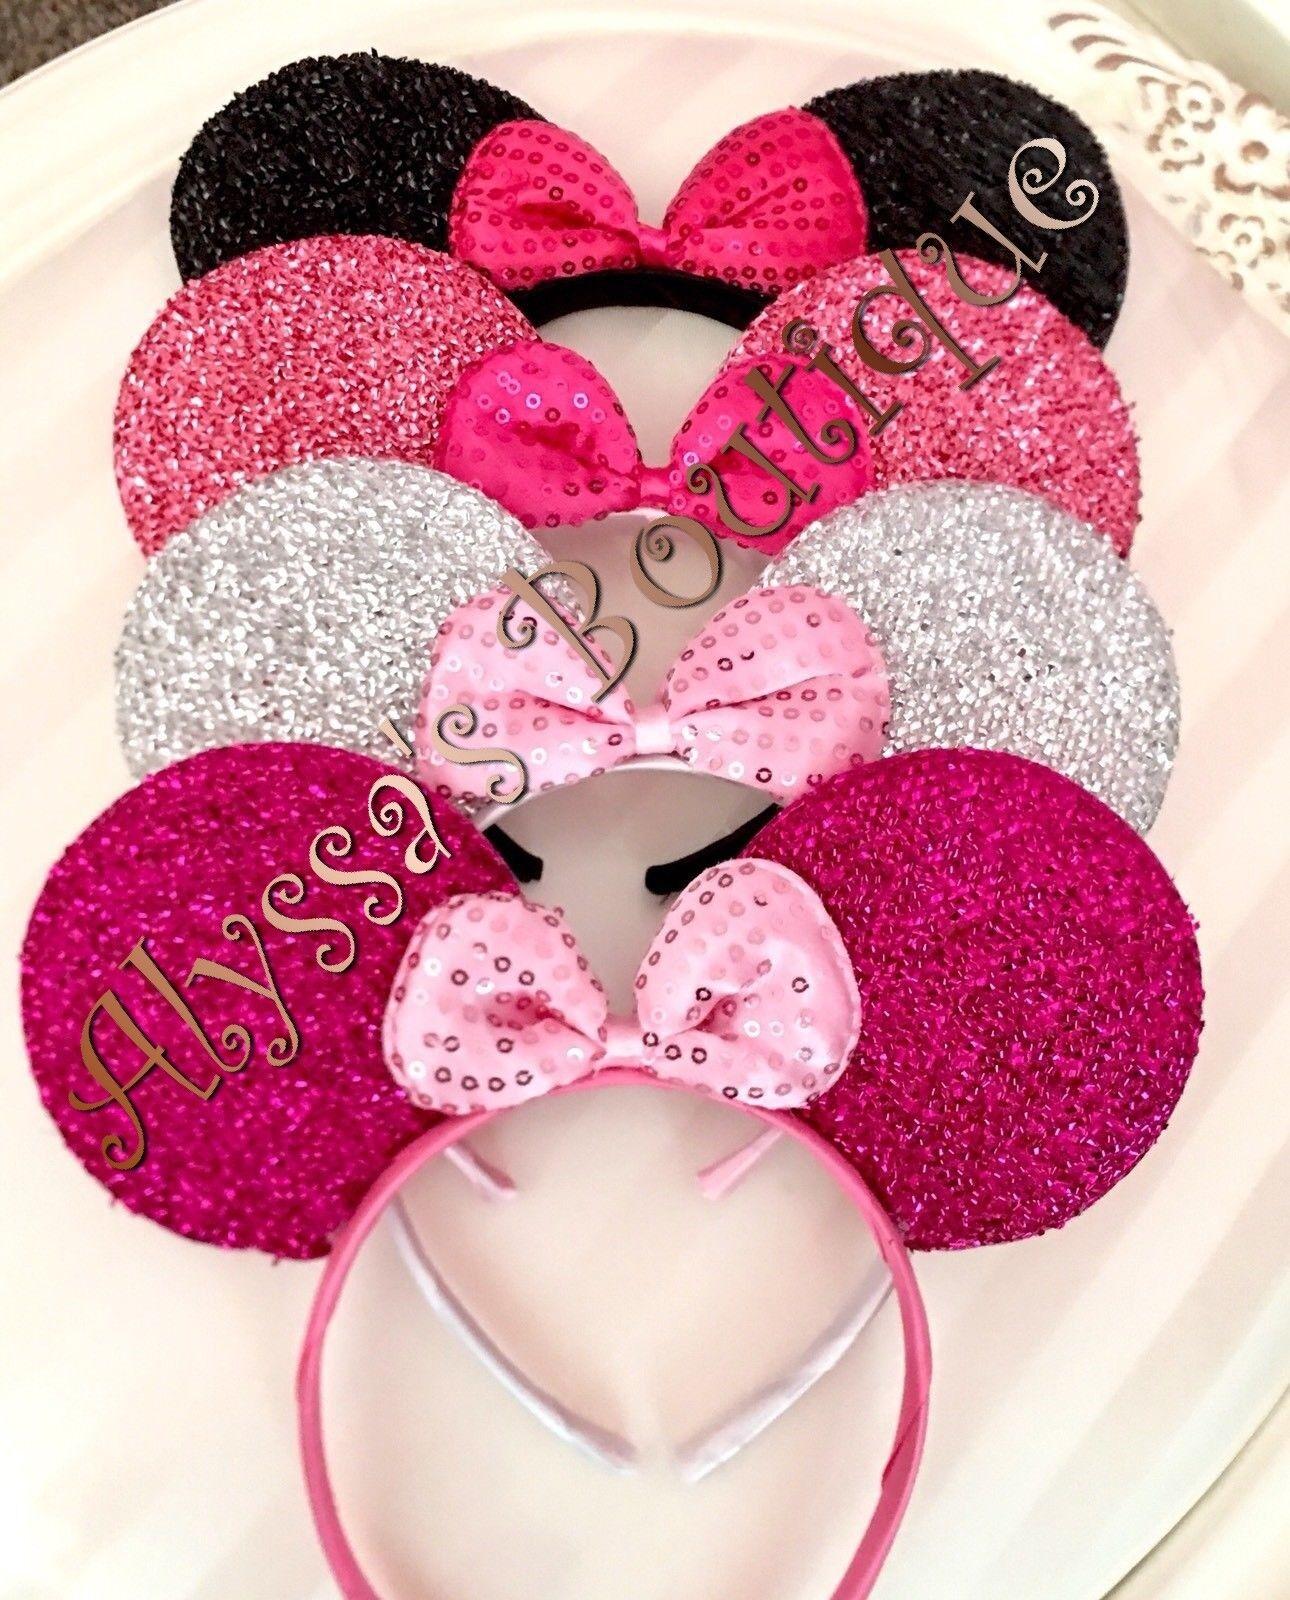 *4* Minnie Mouse Ears Headband Shiny Black Pink Silver Fuchsia Sequin Bow Mickey